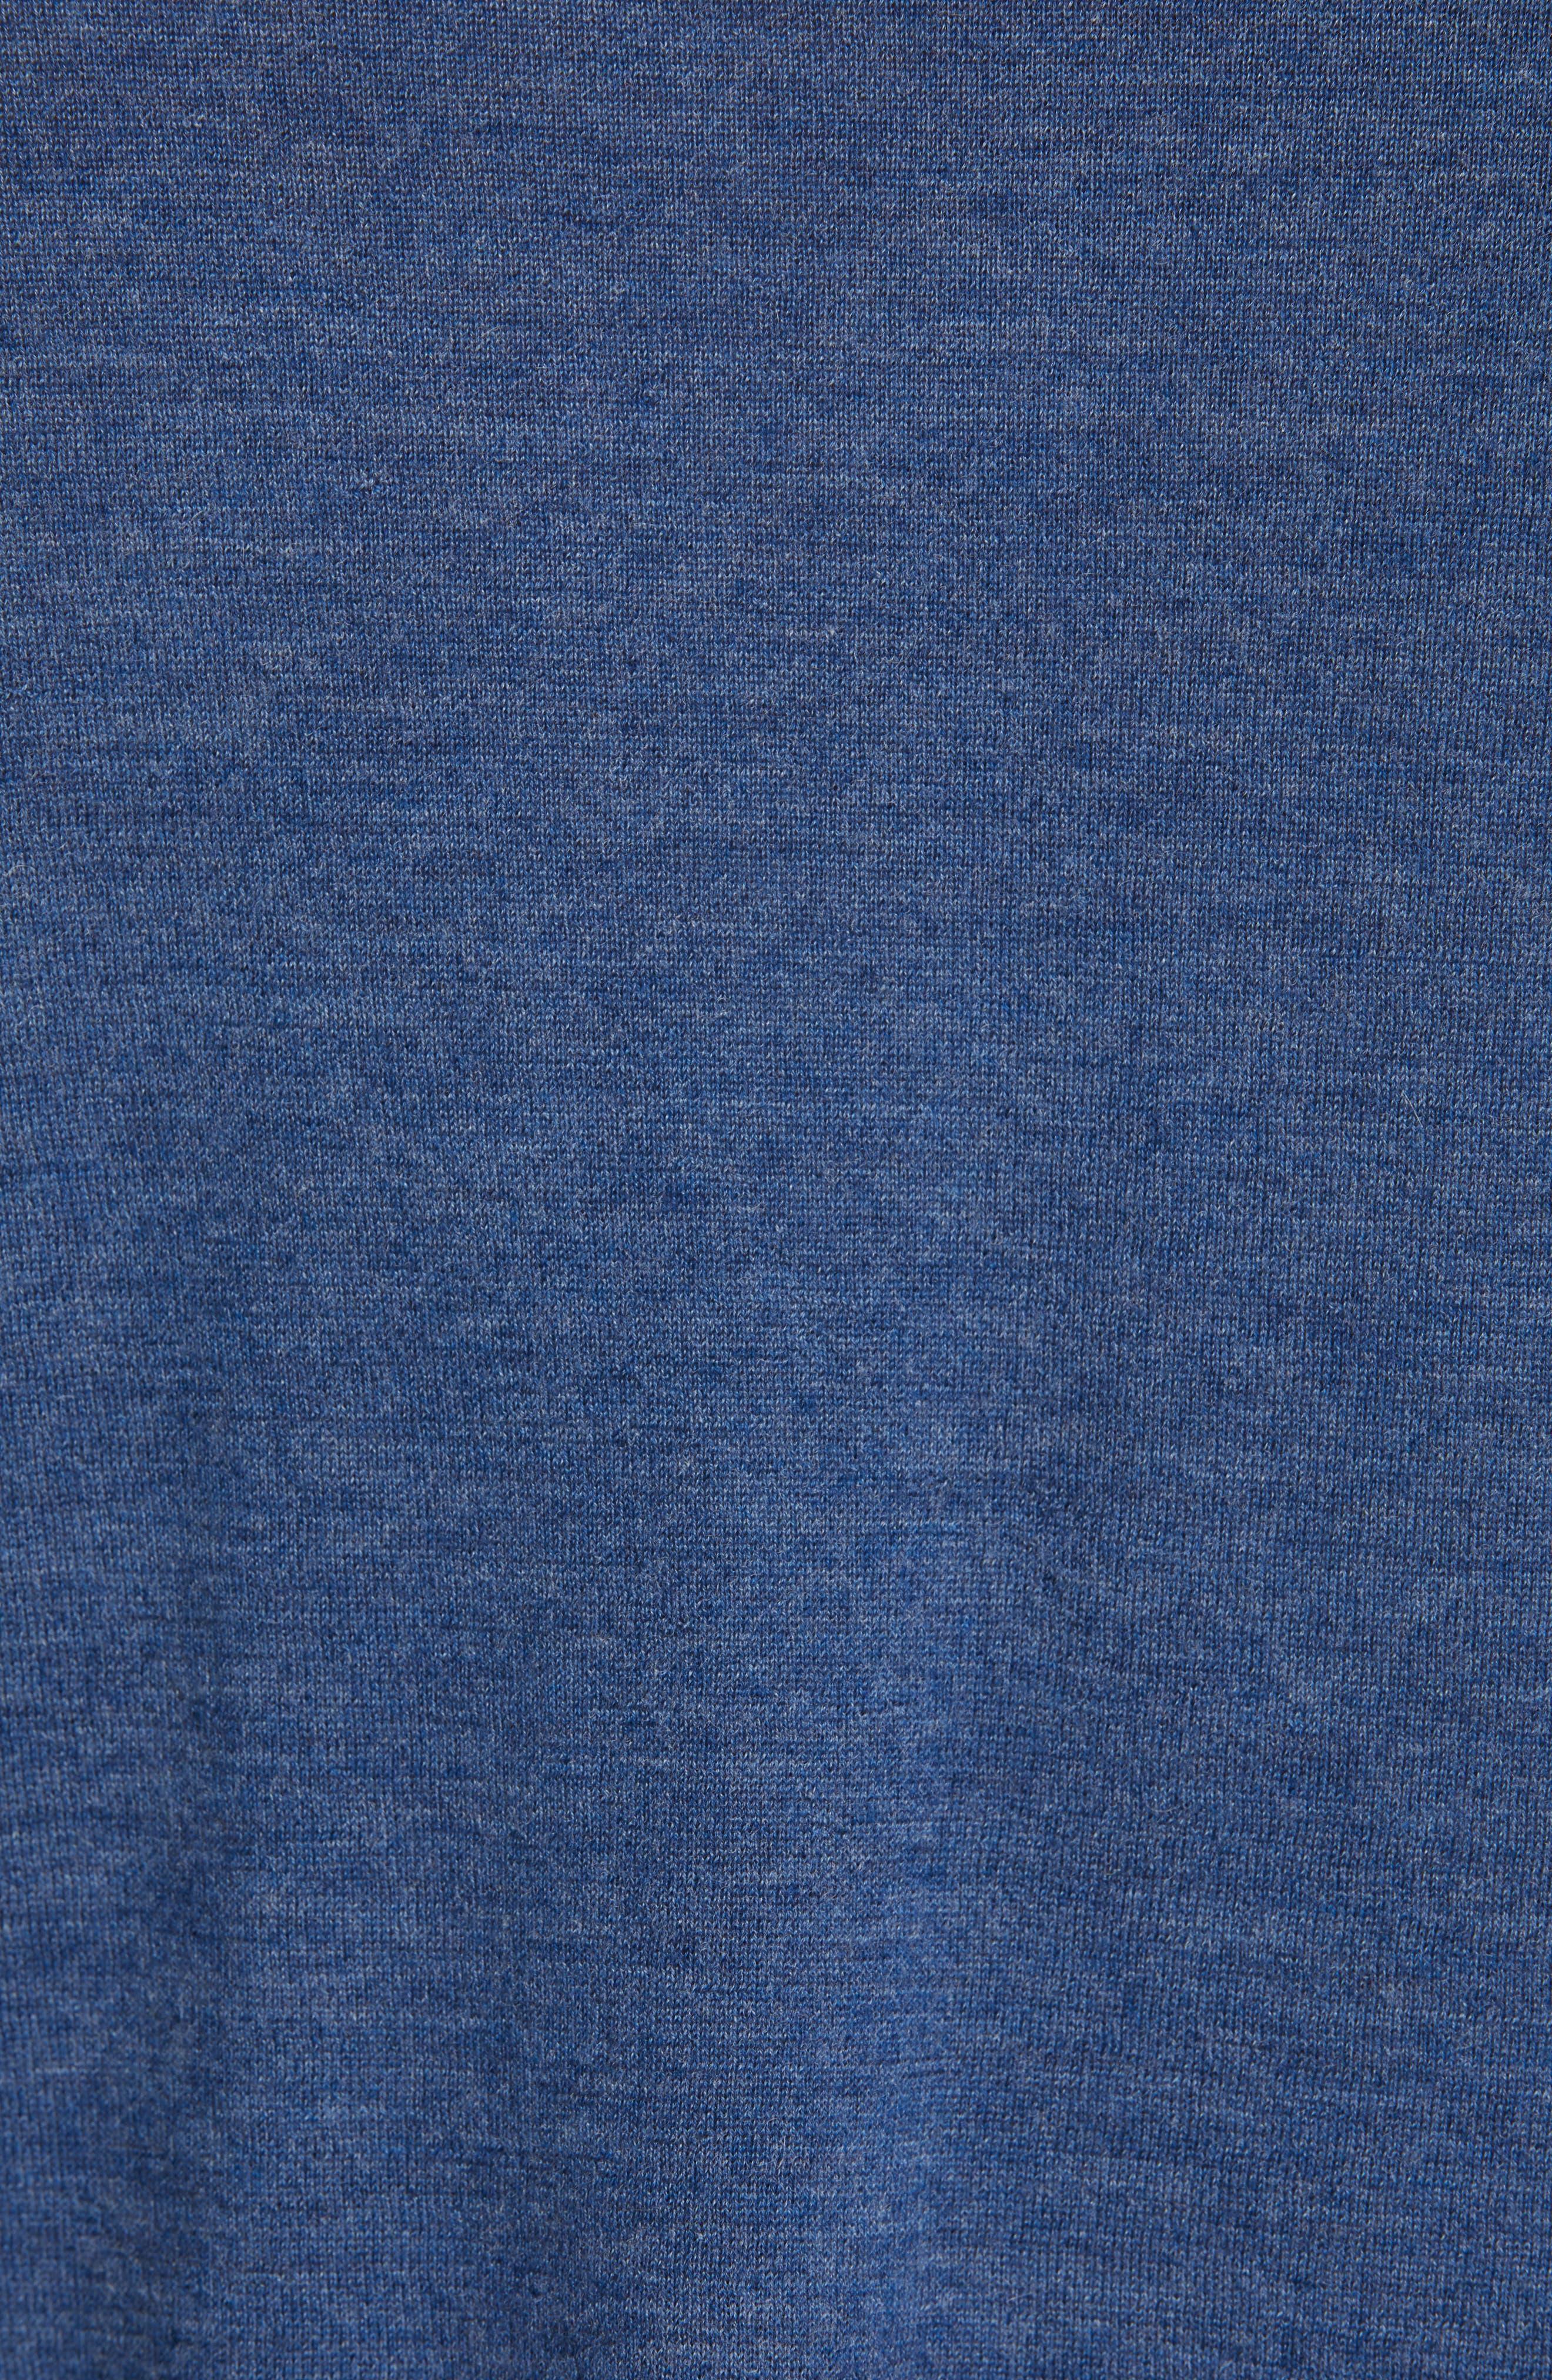 Cashmere Crewneck Sweater,                             Alternate thumbnail 5, color,                             SAPPHIRE